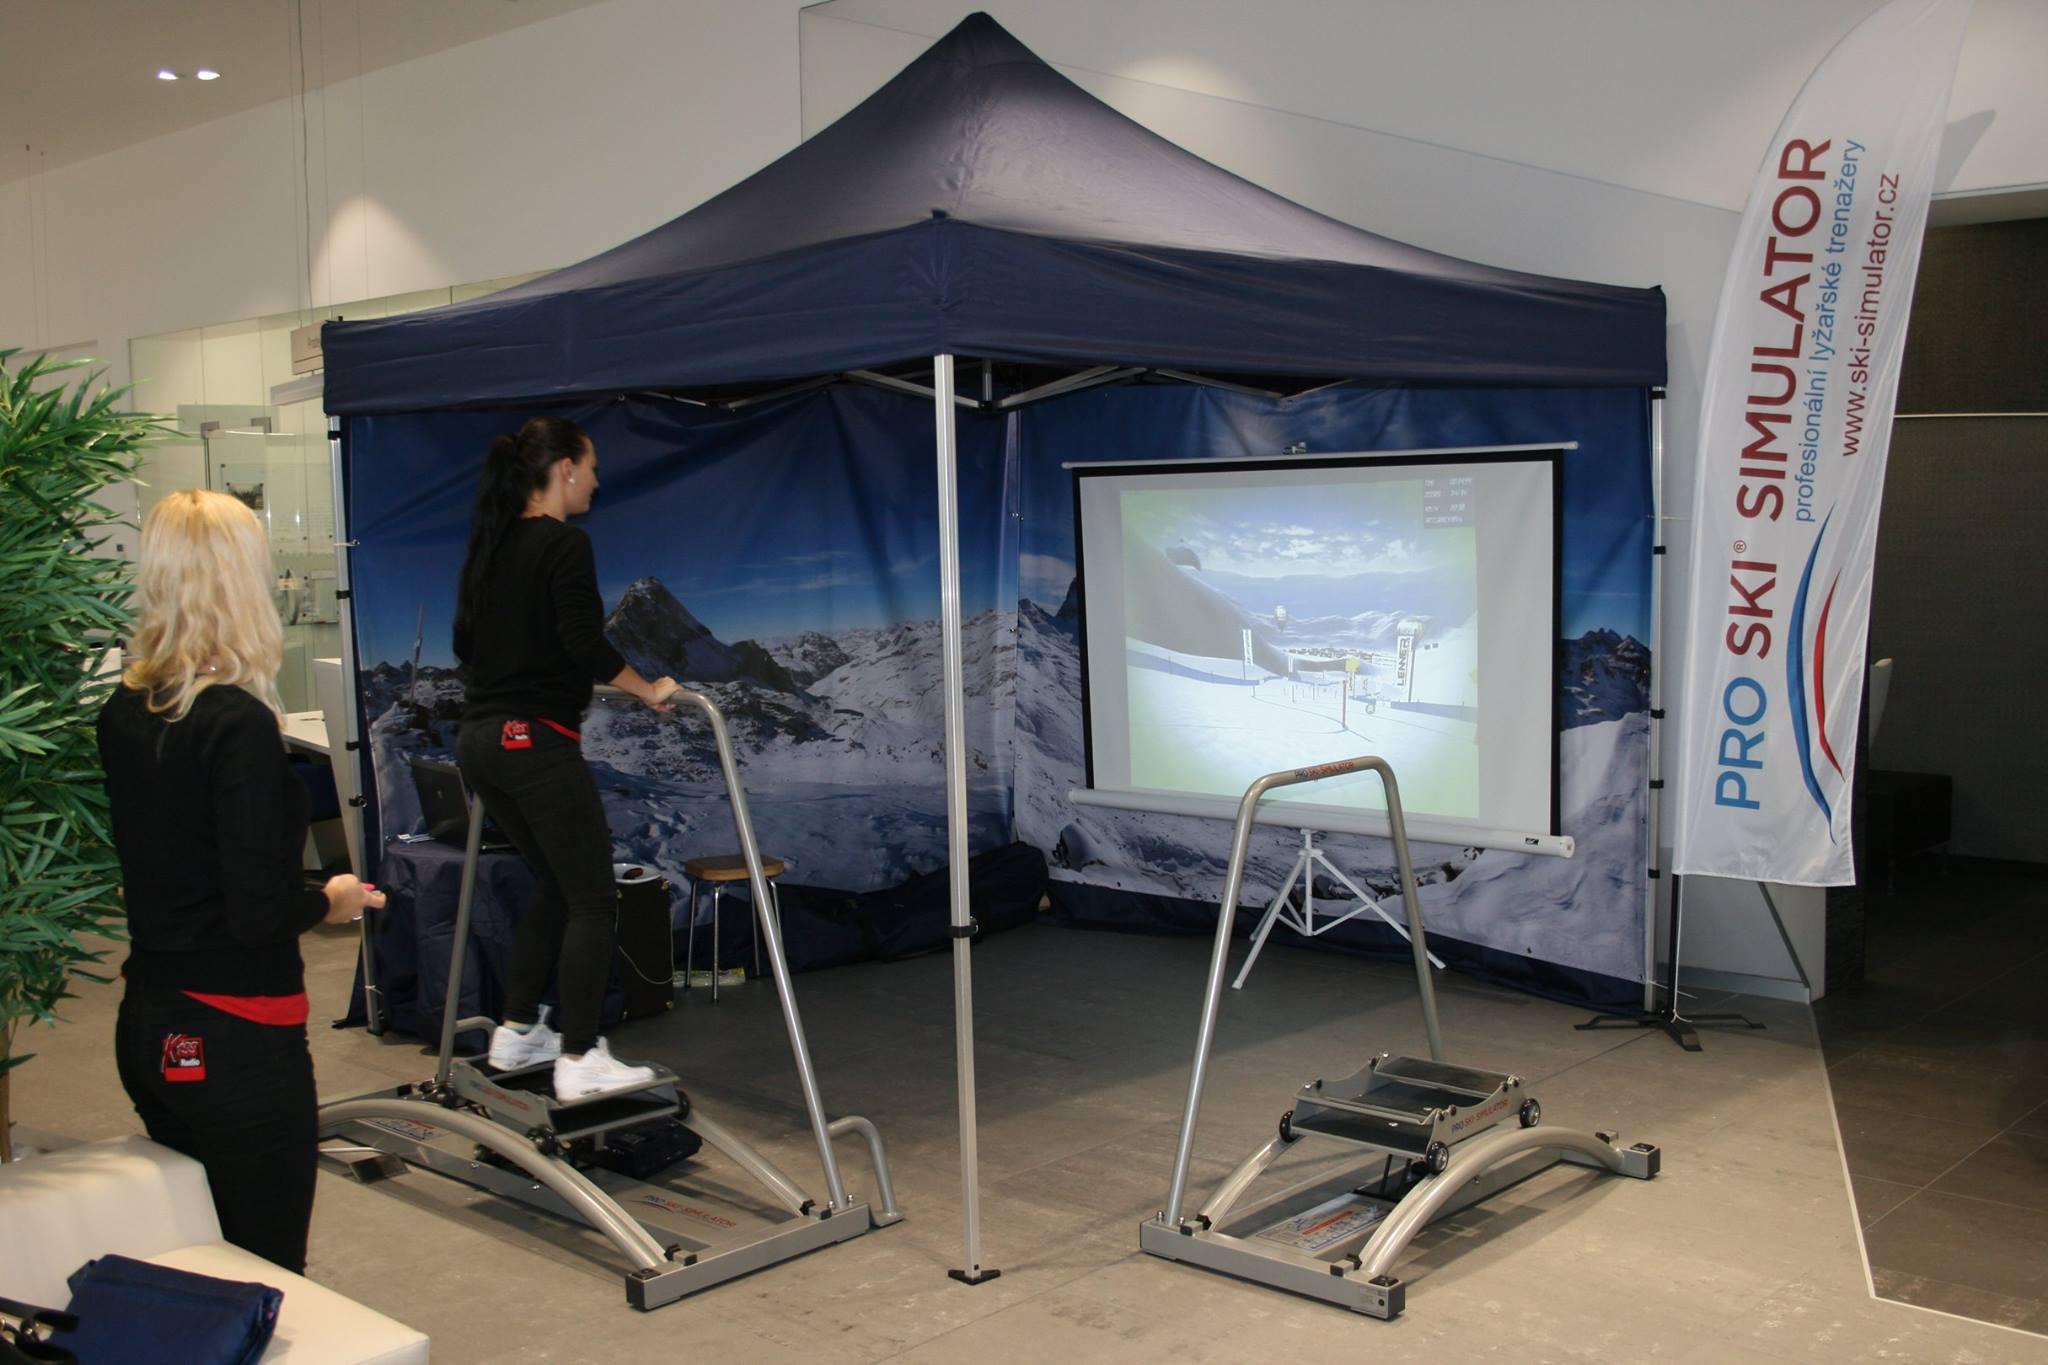 Pronájem lyžařského trenažeru - doprovodný program na firemní akce - závody na trenažeru